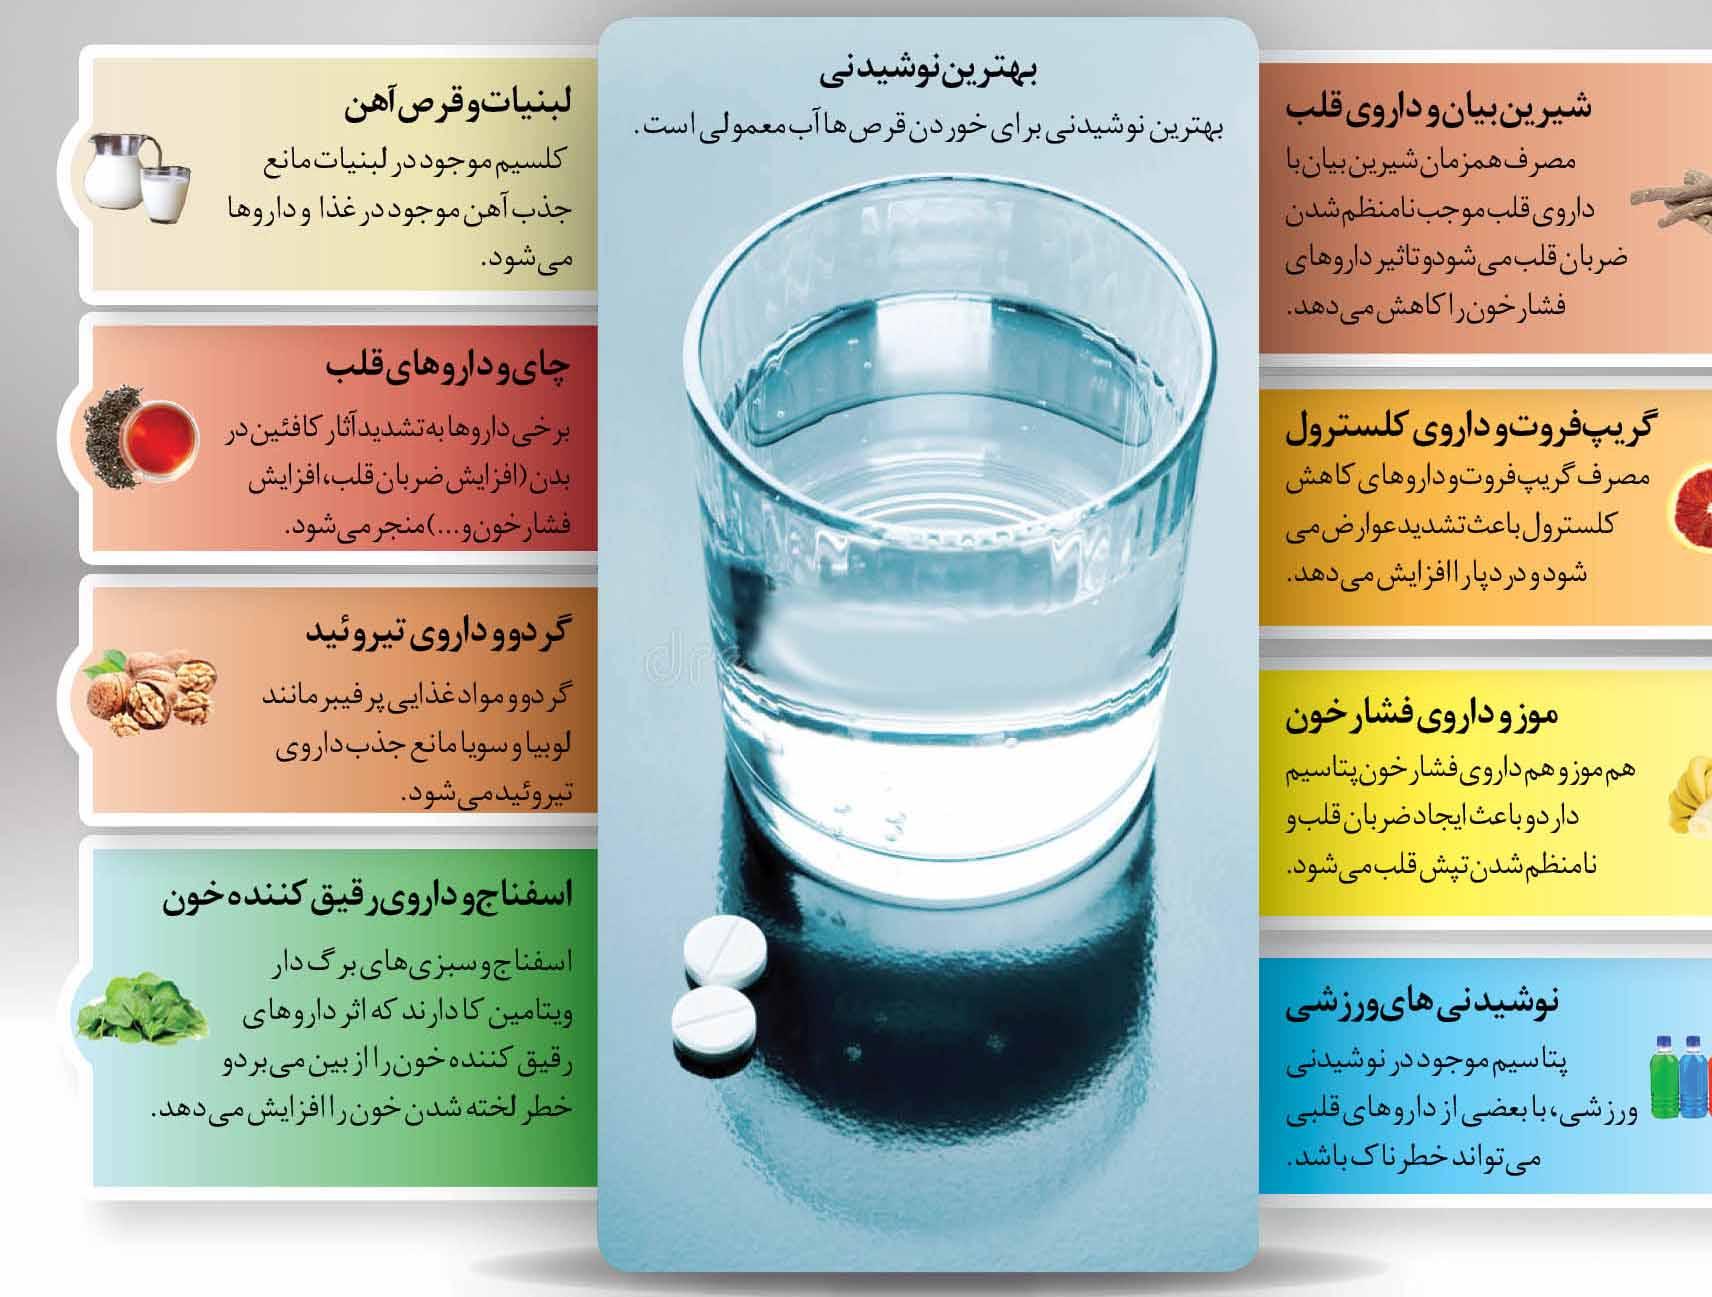 خوراکیهای خطرناک برای خوردن دارو